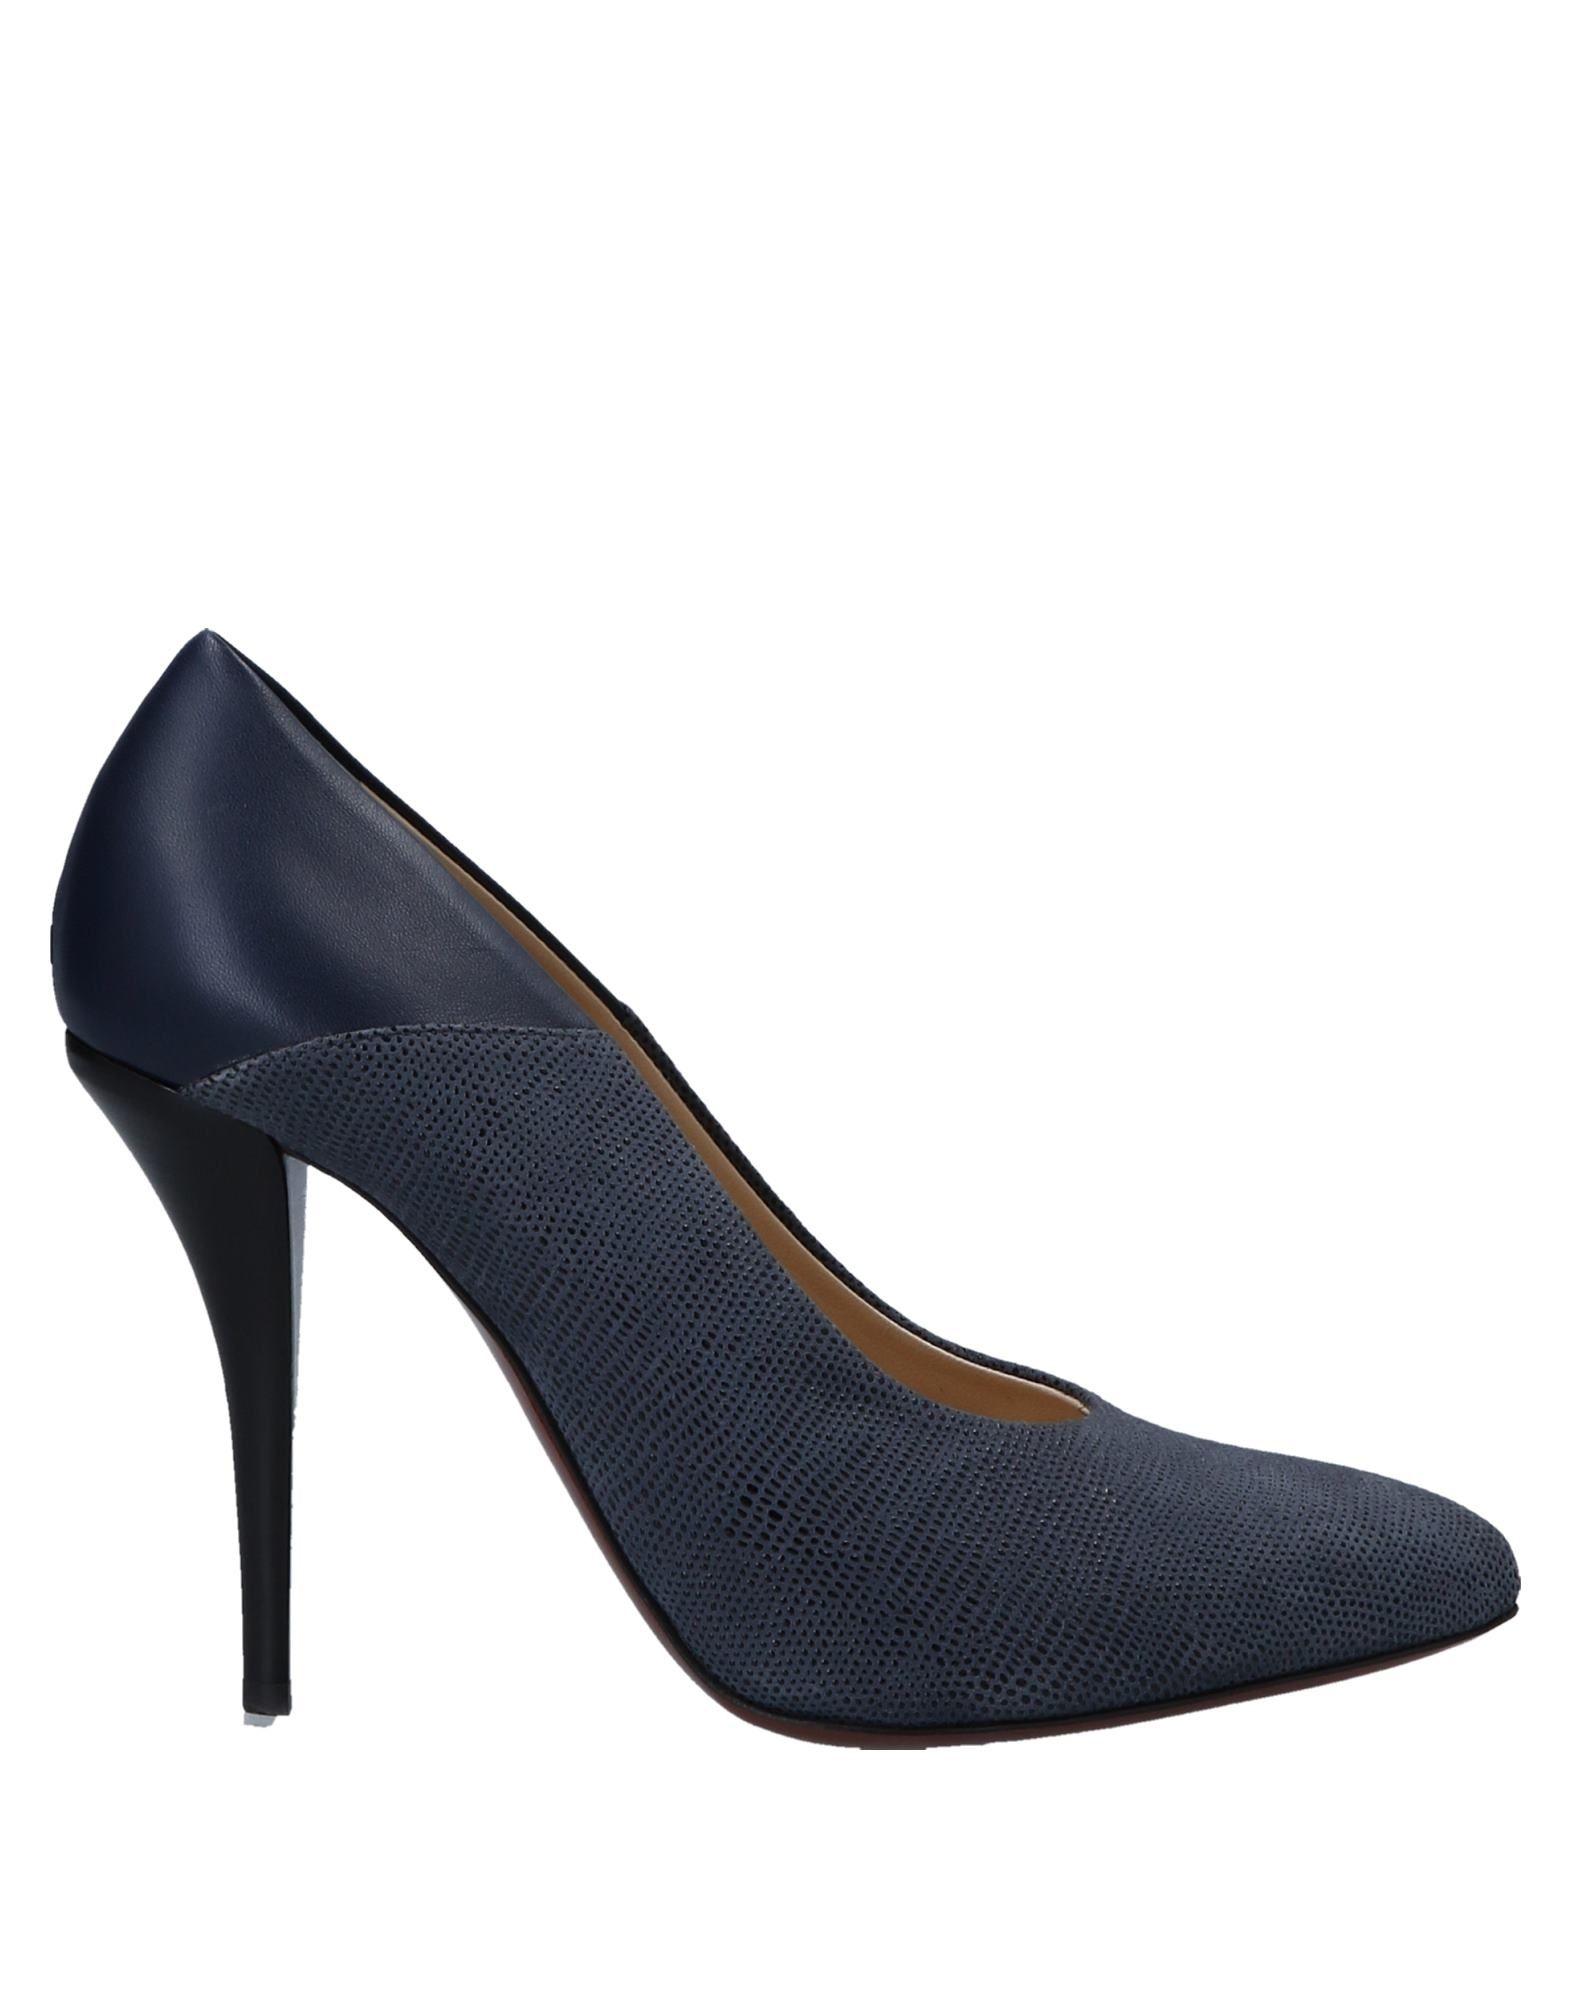 Rabatt Schuhe  O Jour Pumps Damen  Schuhe 11557971JB f8fccc